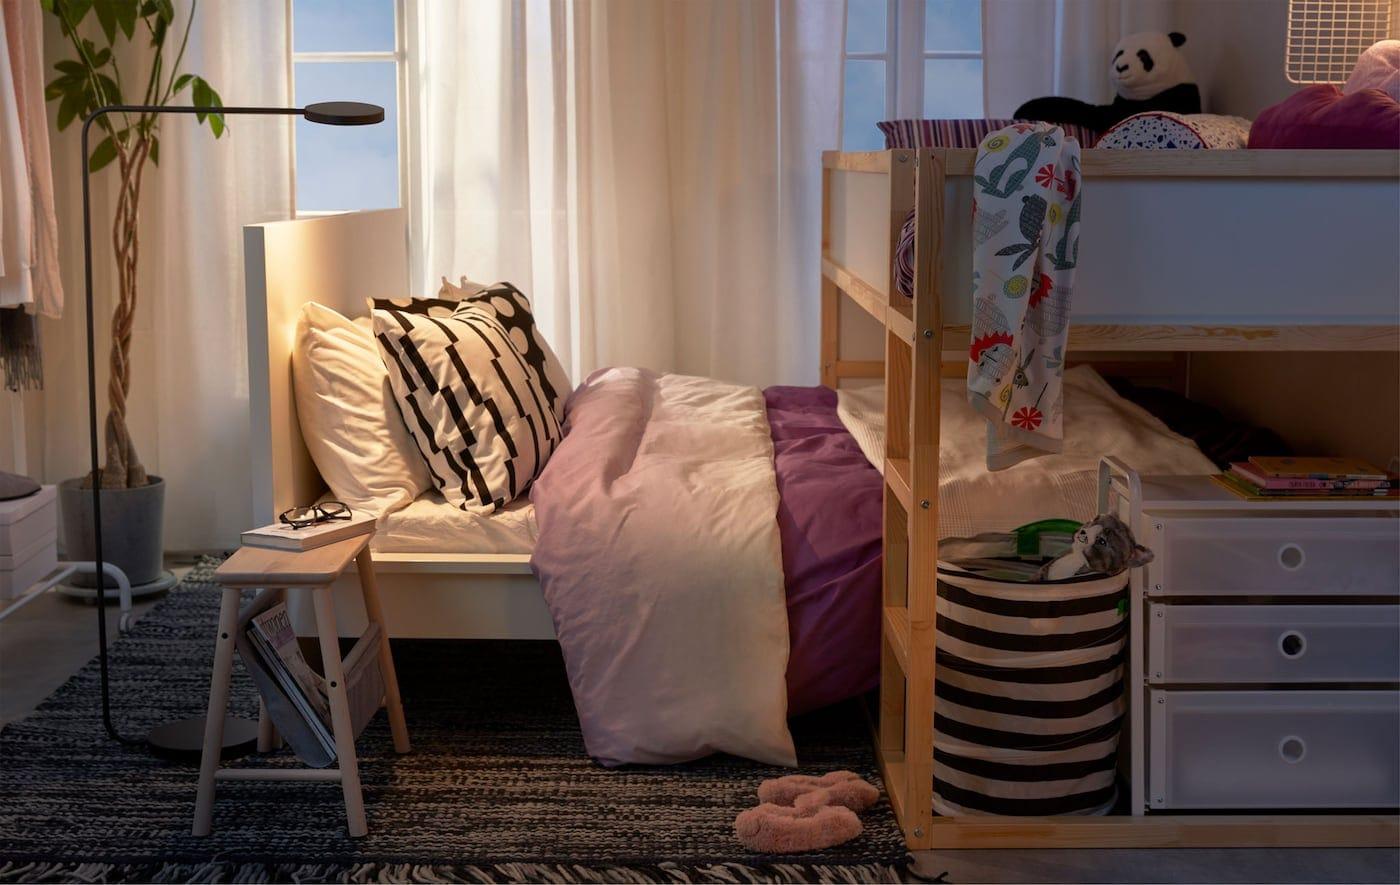 Vysoká postel KURA kolmo k nízké posteli rodičů v malé ložnici